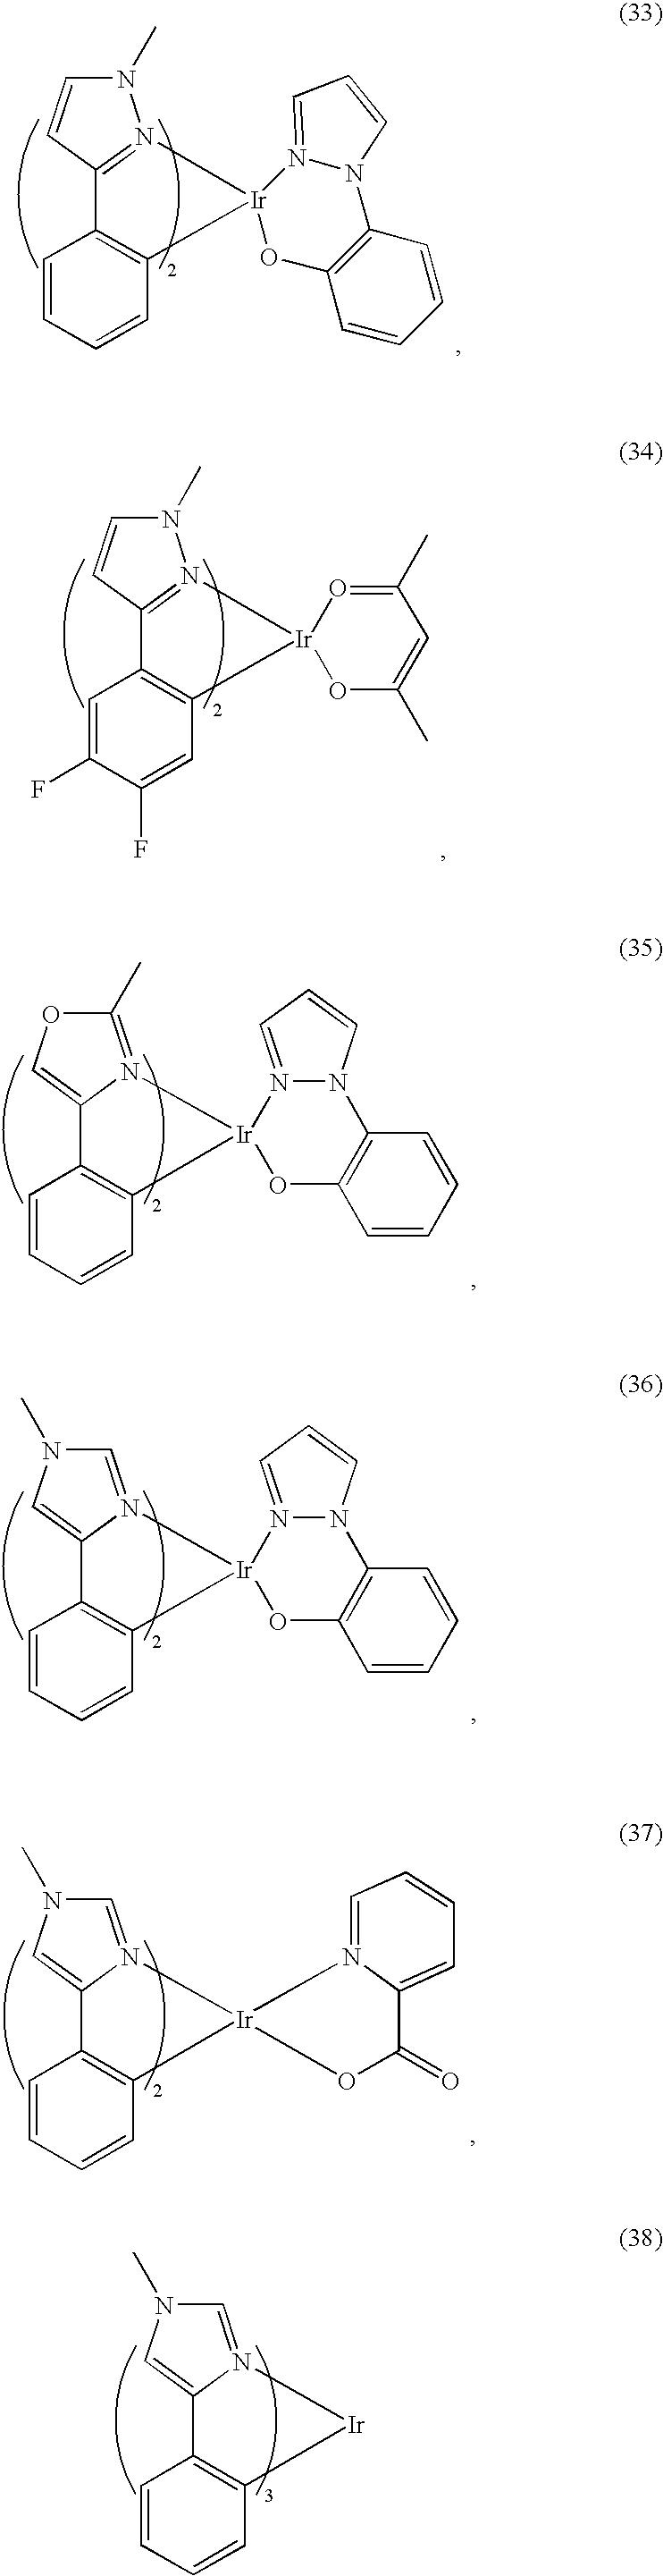 Figure US20050031903A1-20050210-C00021